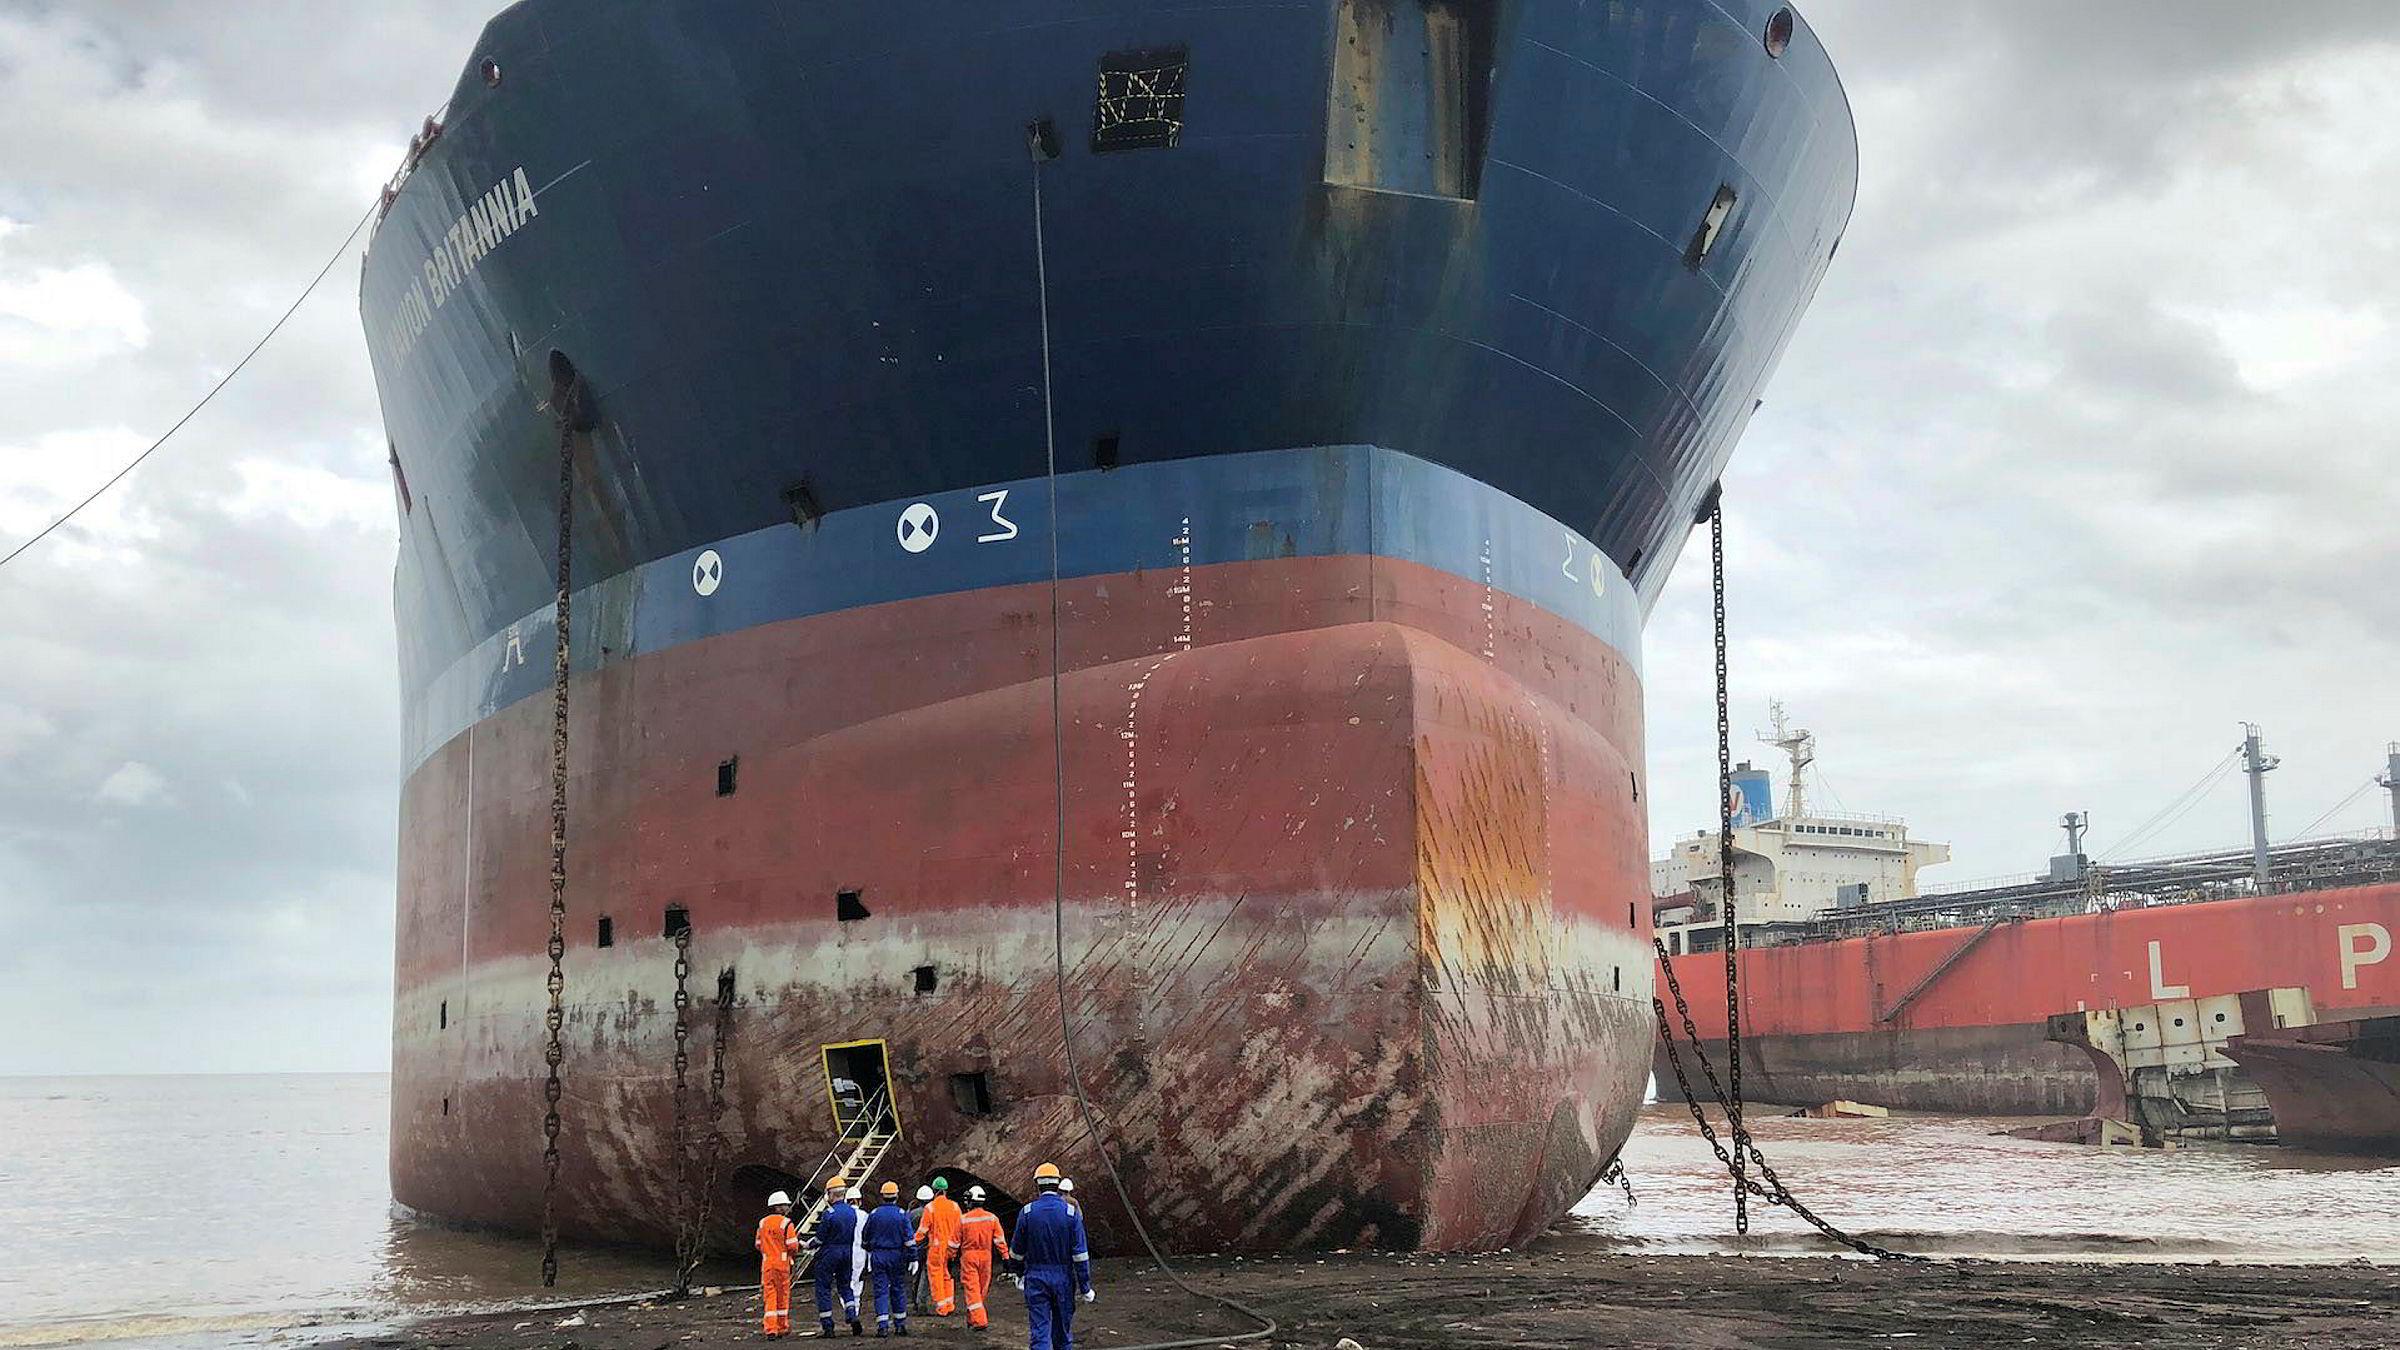 «Navion Britannia», her fotografert på en strand i Alang, India. Bildet ligger ute på Teekays egne nettsider.